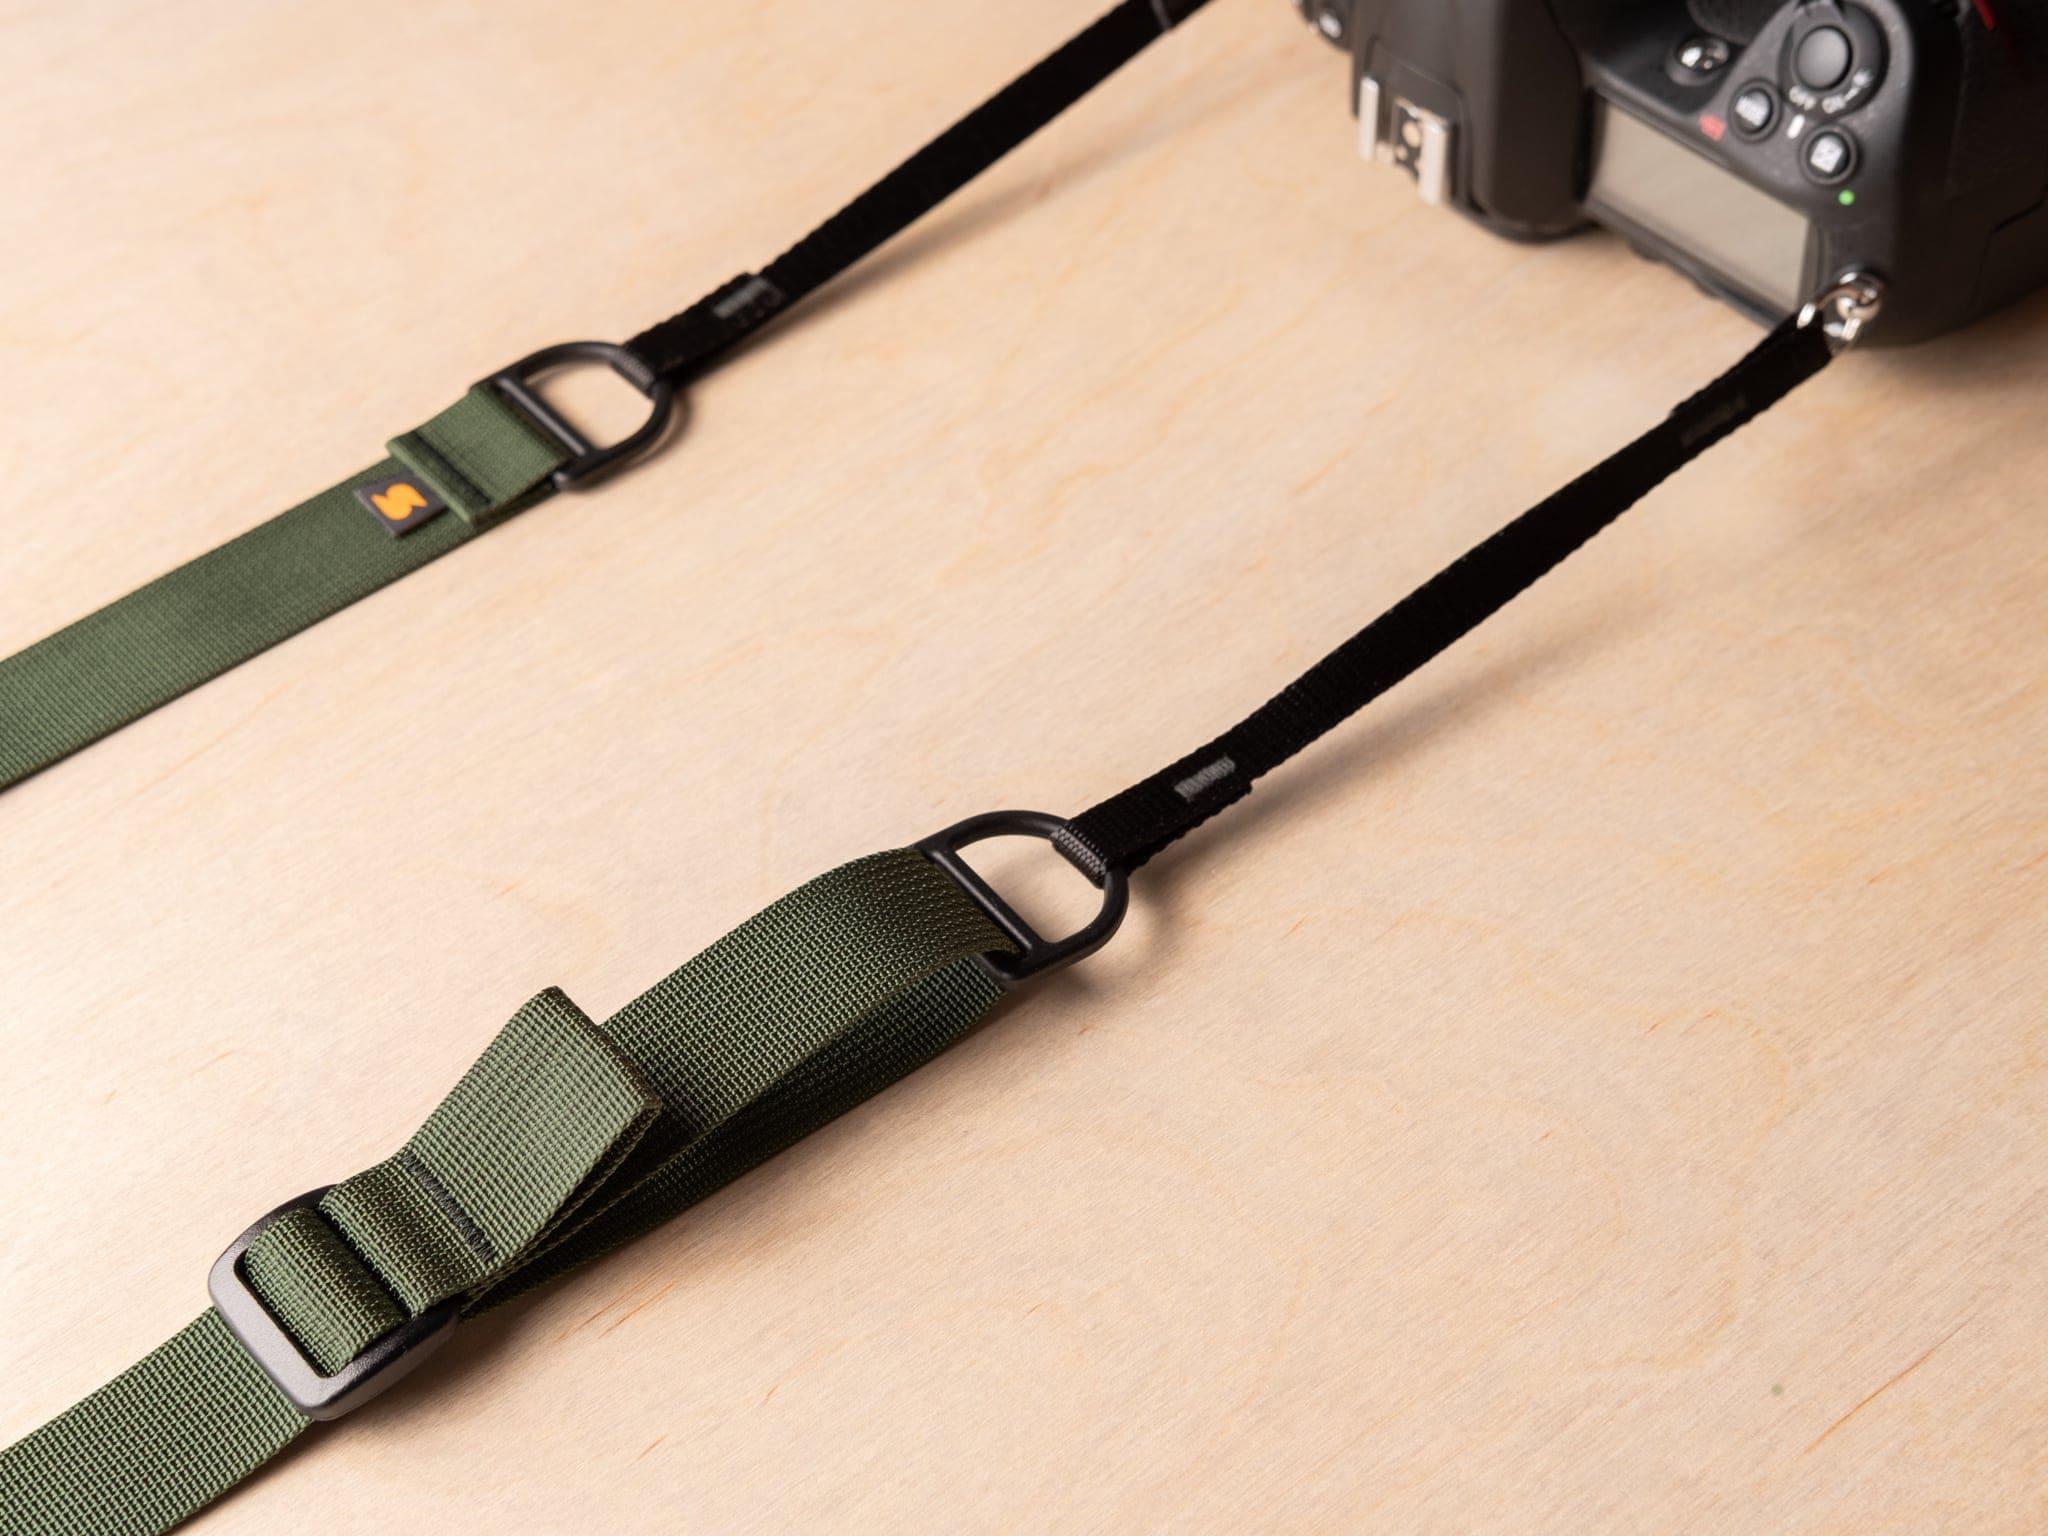 Простой ремешок для фотокамеры F1 на цифровой зеркальной фотокамеру Nikon